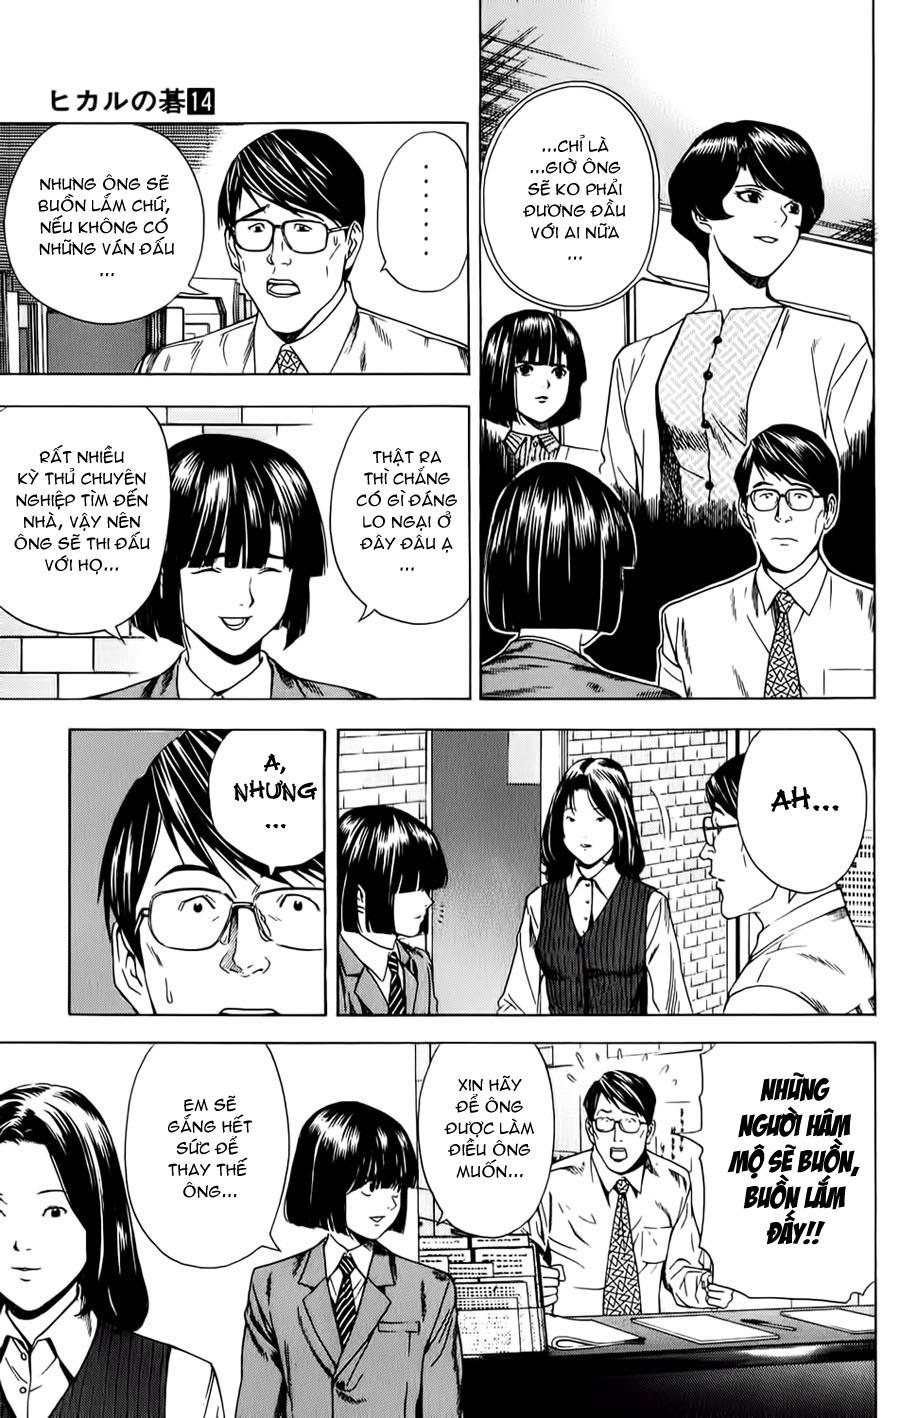 Hikaru No Go hikaru no go chap 121 trang 9